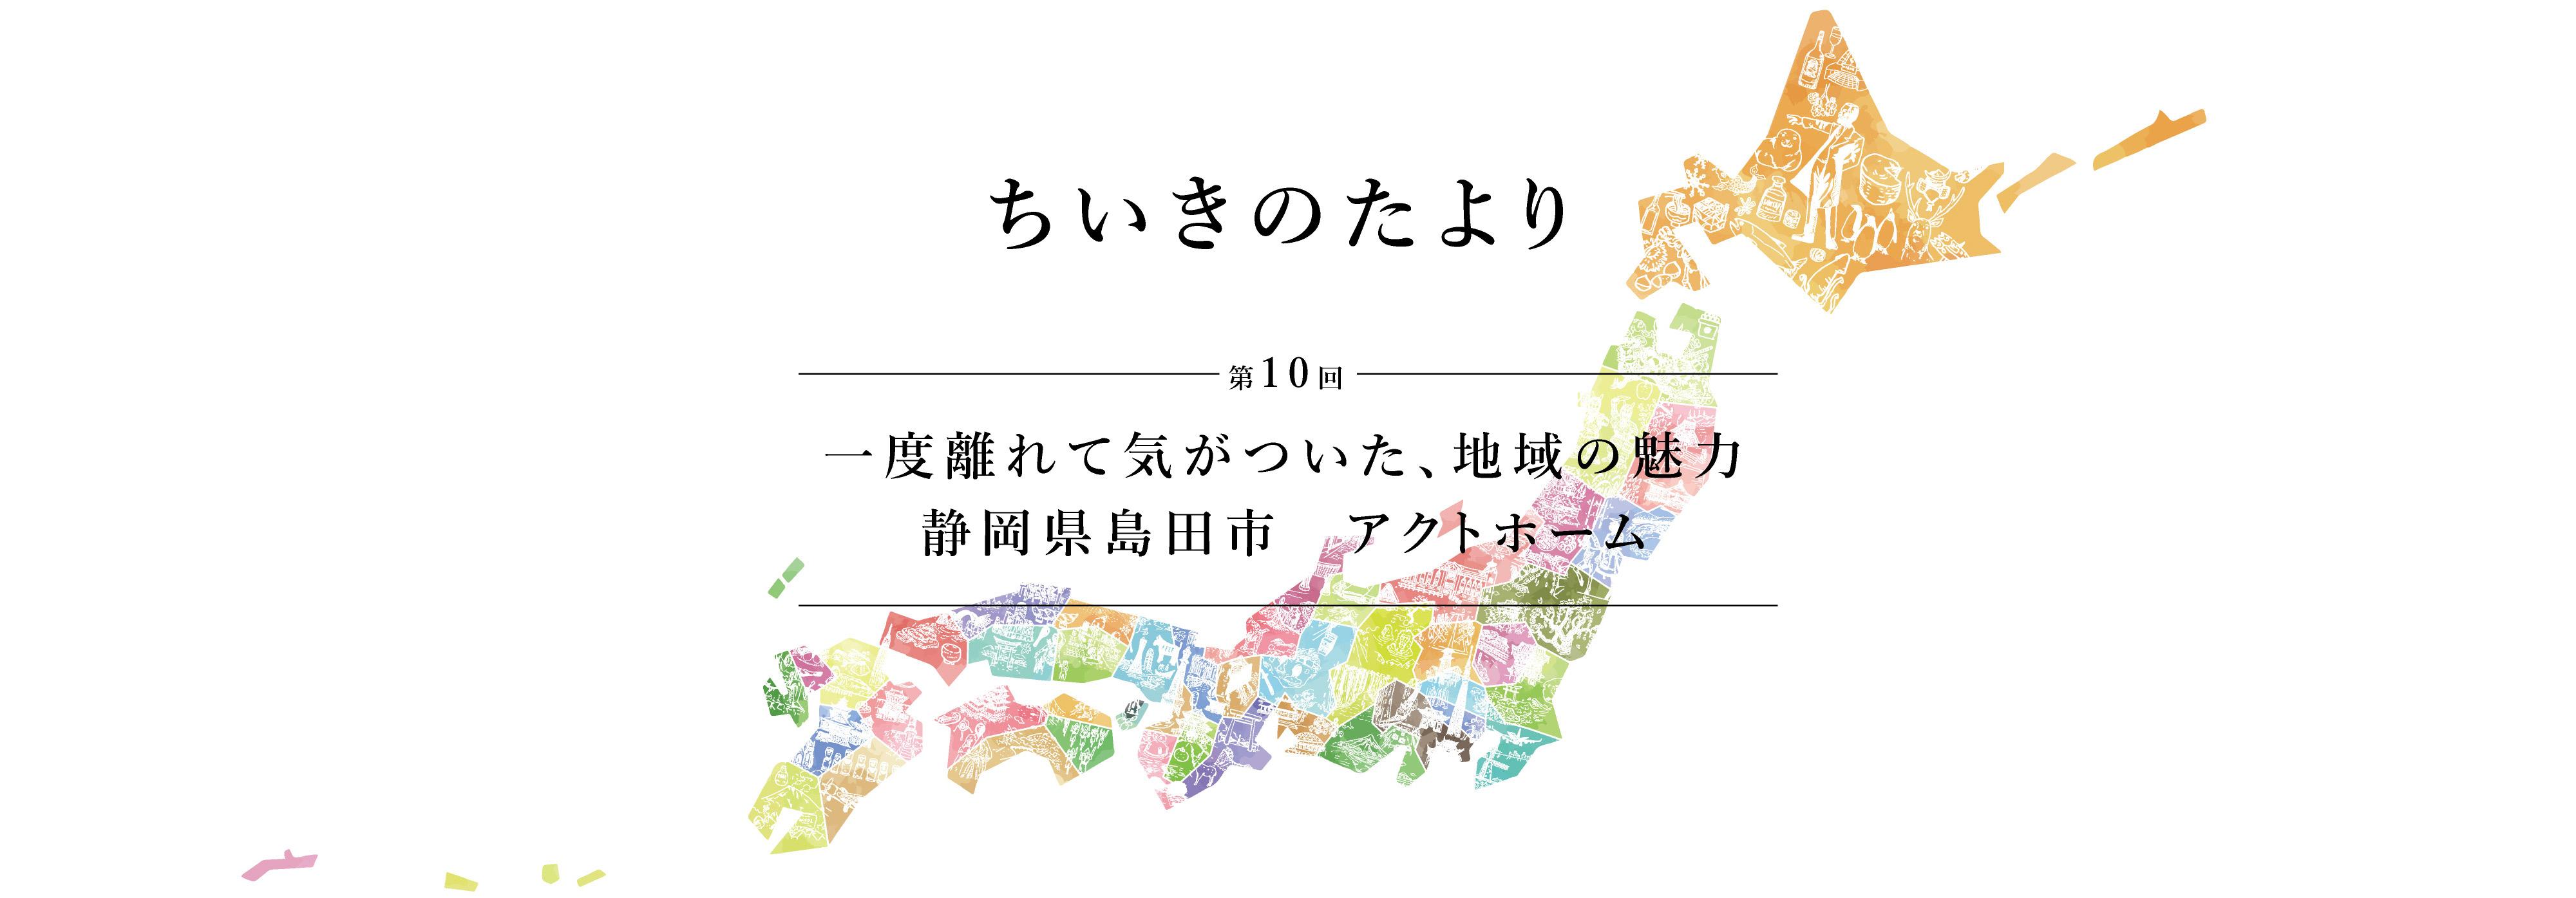 ちいきのたより第10話一度離れて気がついた、地域の魅力 静岡県島田市 アクトホーム